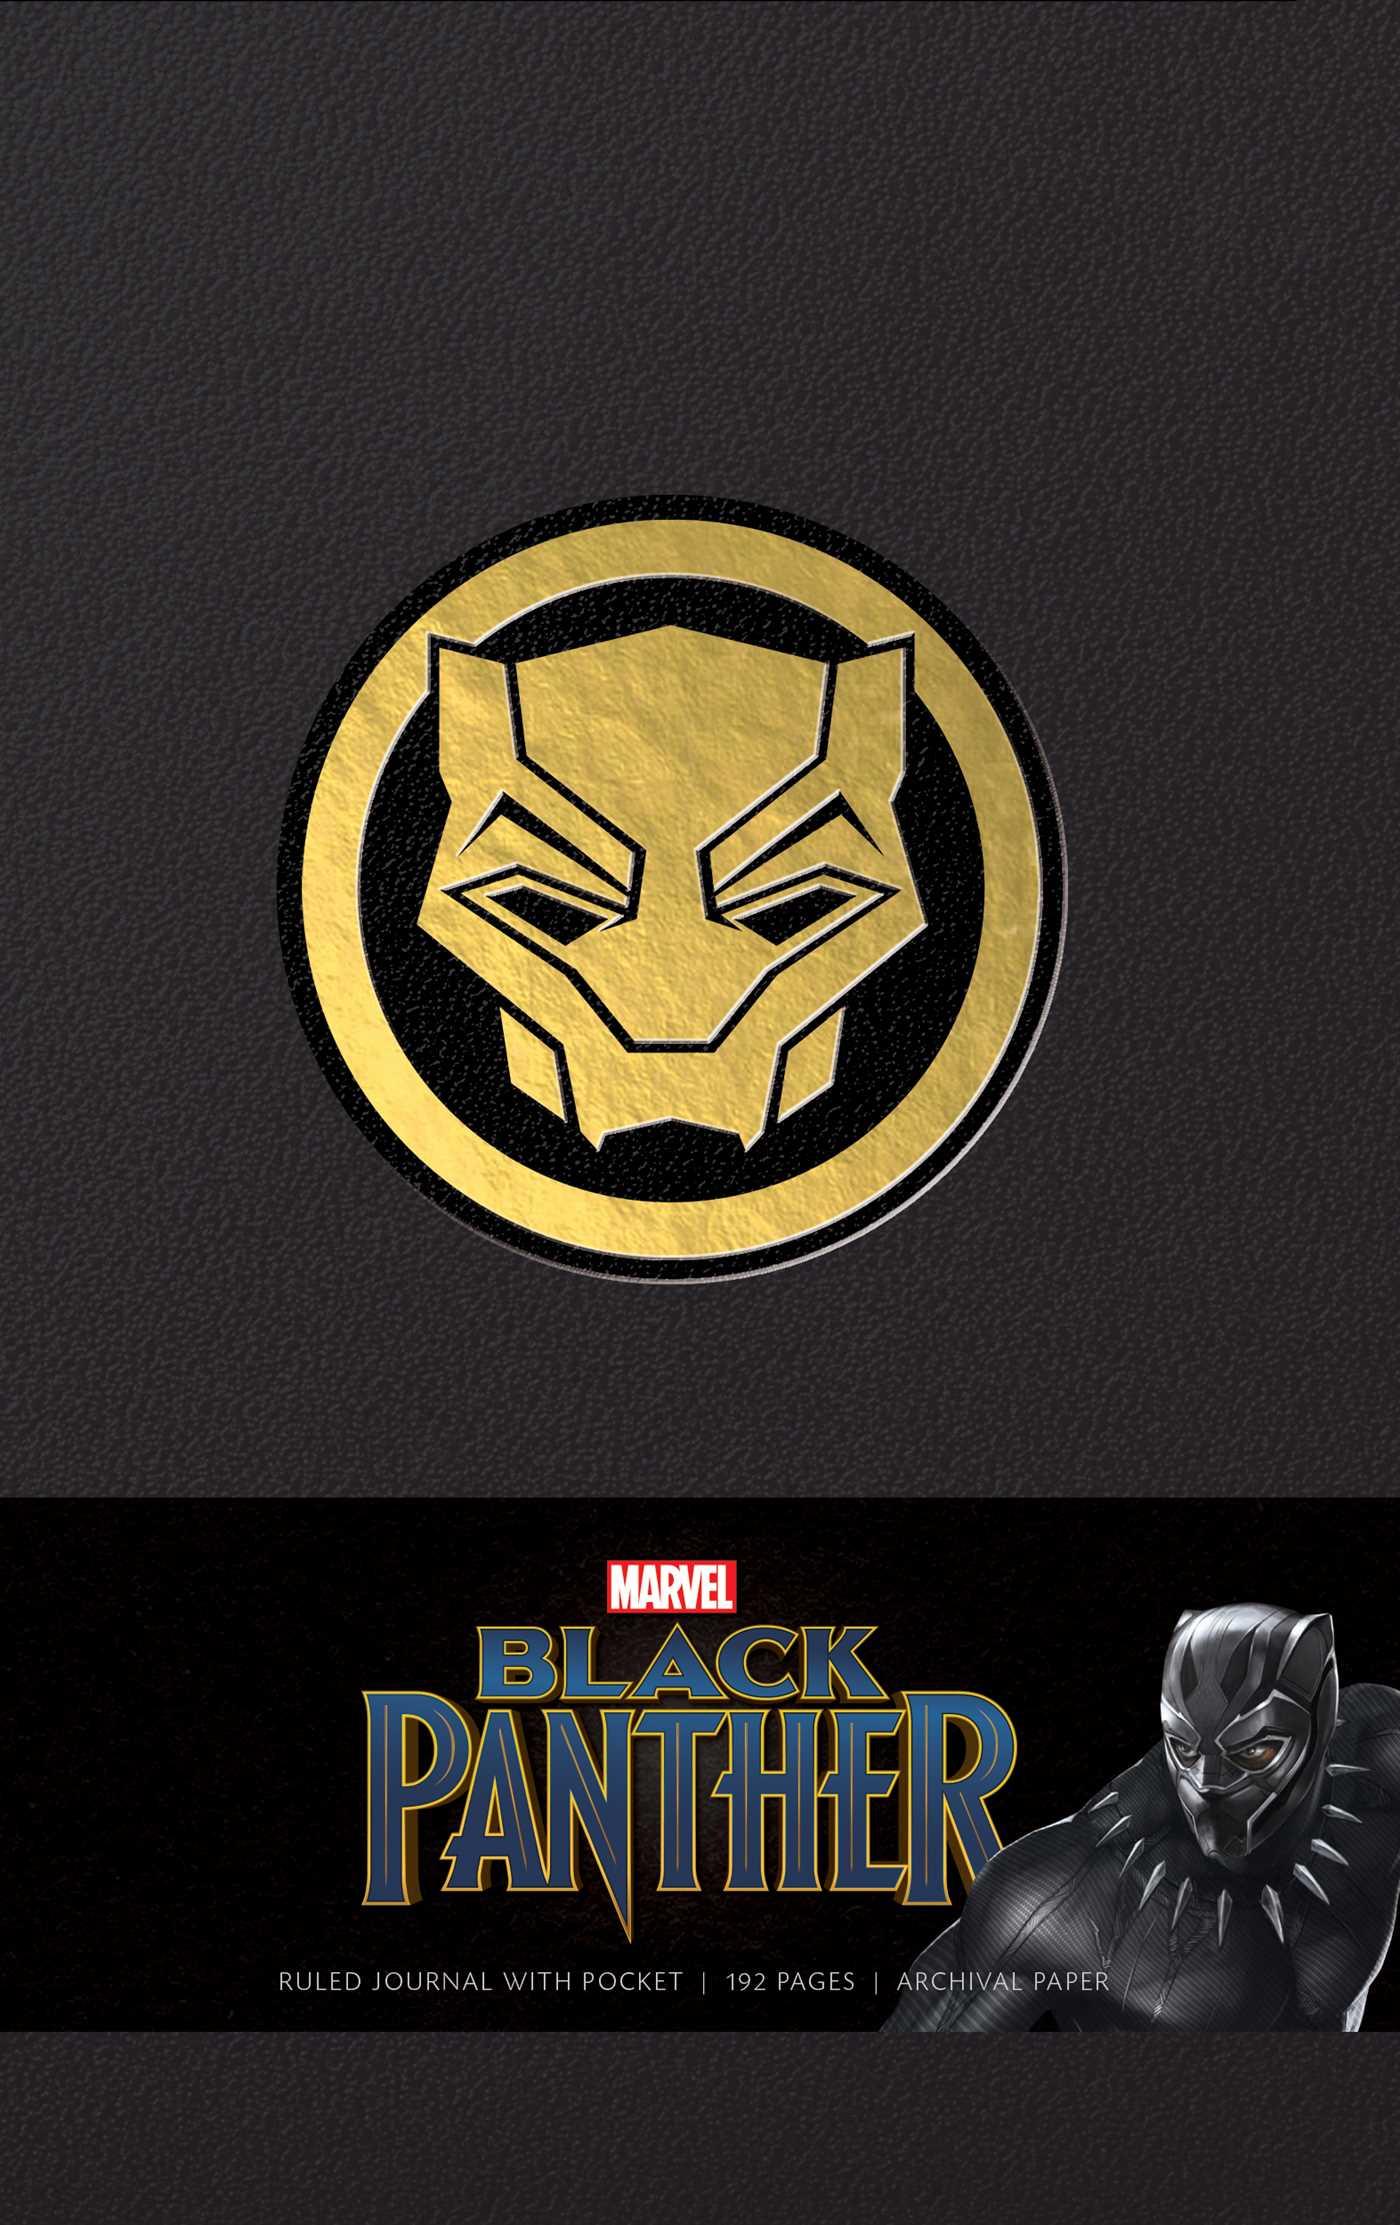 Marvels black panther hardcover ruled journal 9781683833154 hr